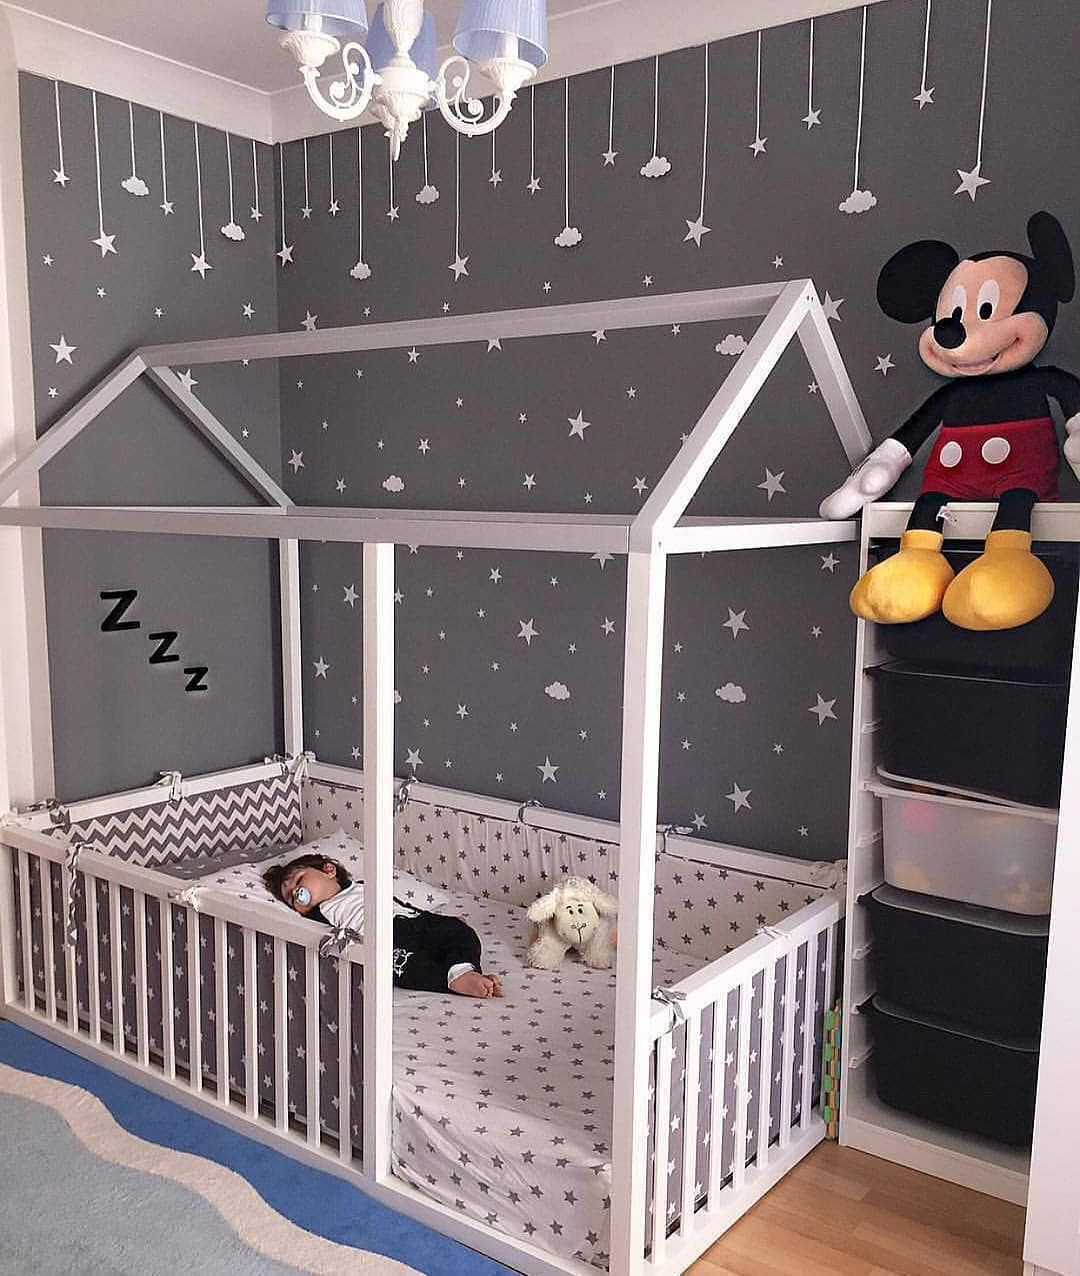 Pin de Ellie Bradley en nursery ideas | Pinterest | Camas, Bebé y Bebe